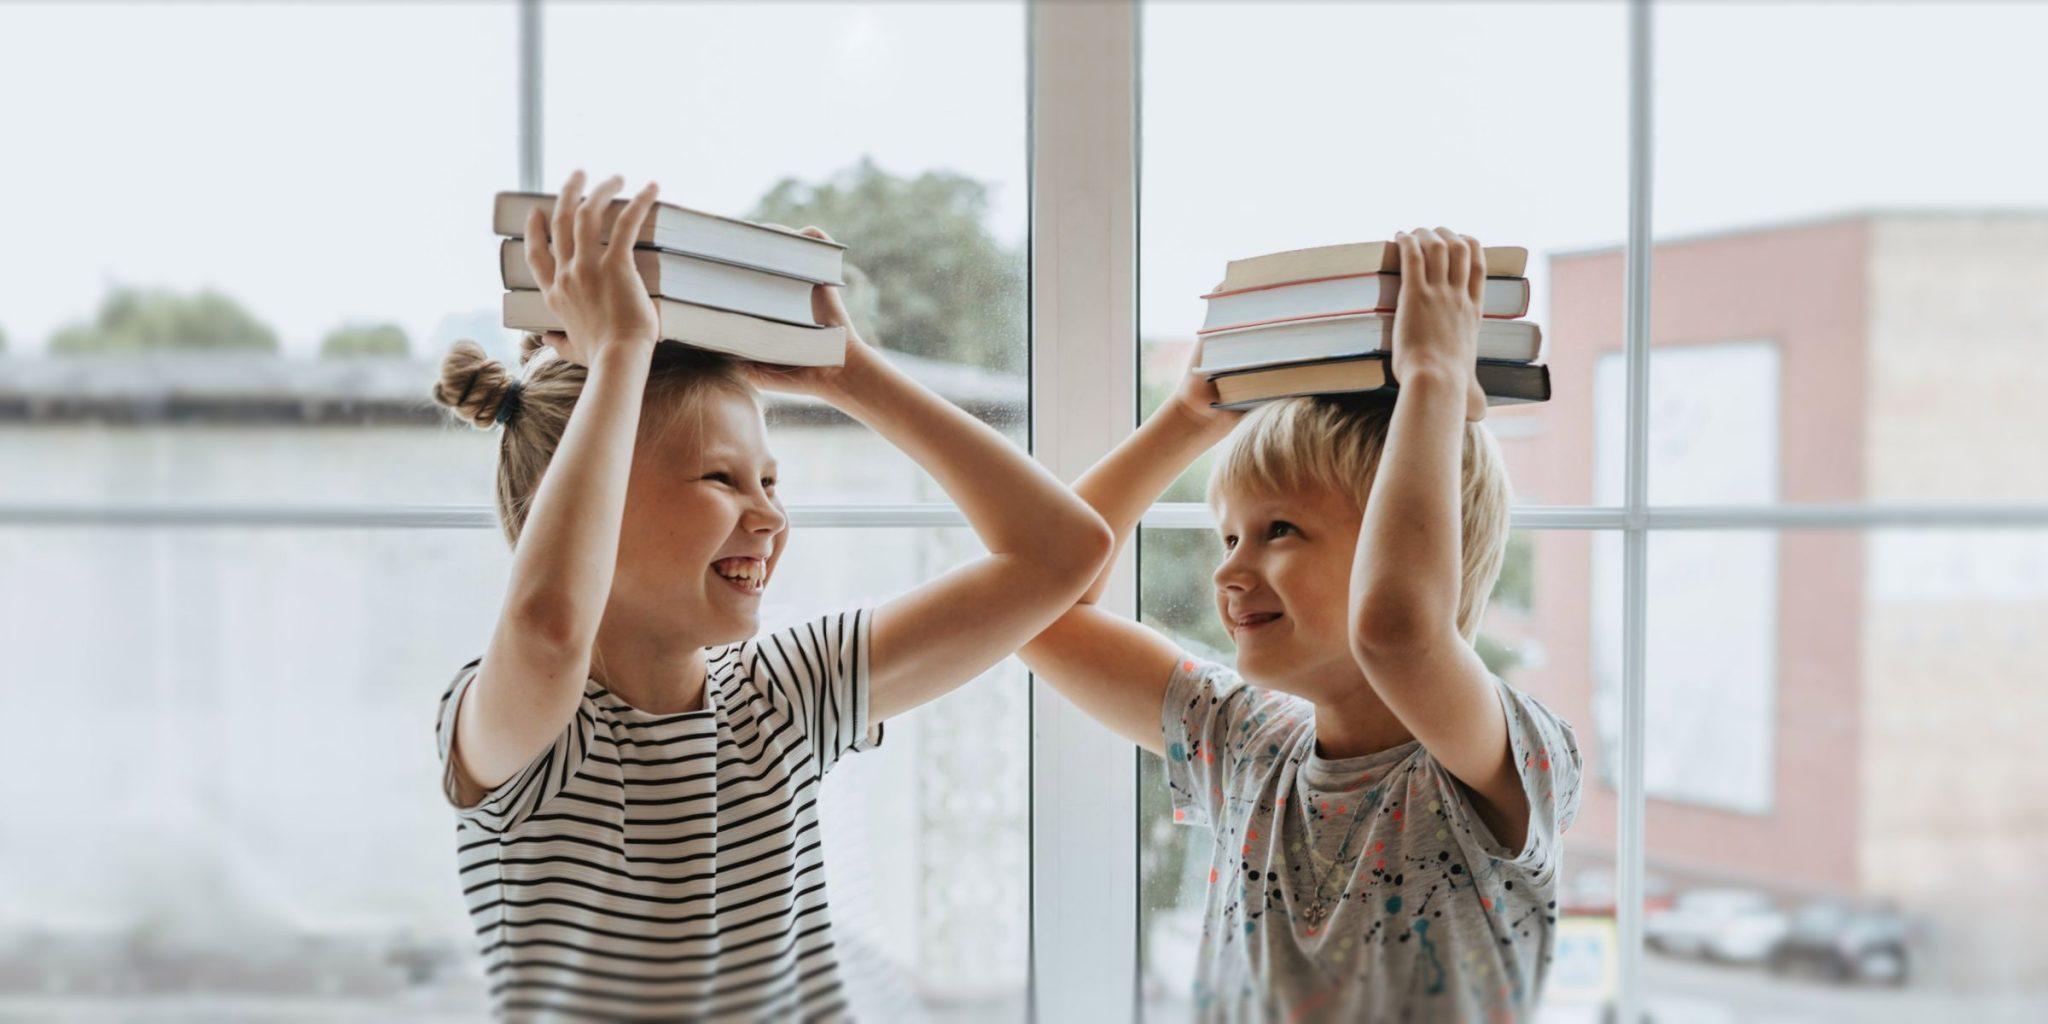 Lasteaialapsed hoiavad raamatuid peas. Pildi autor: Olia Danilevich.